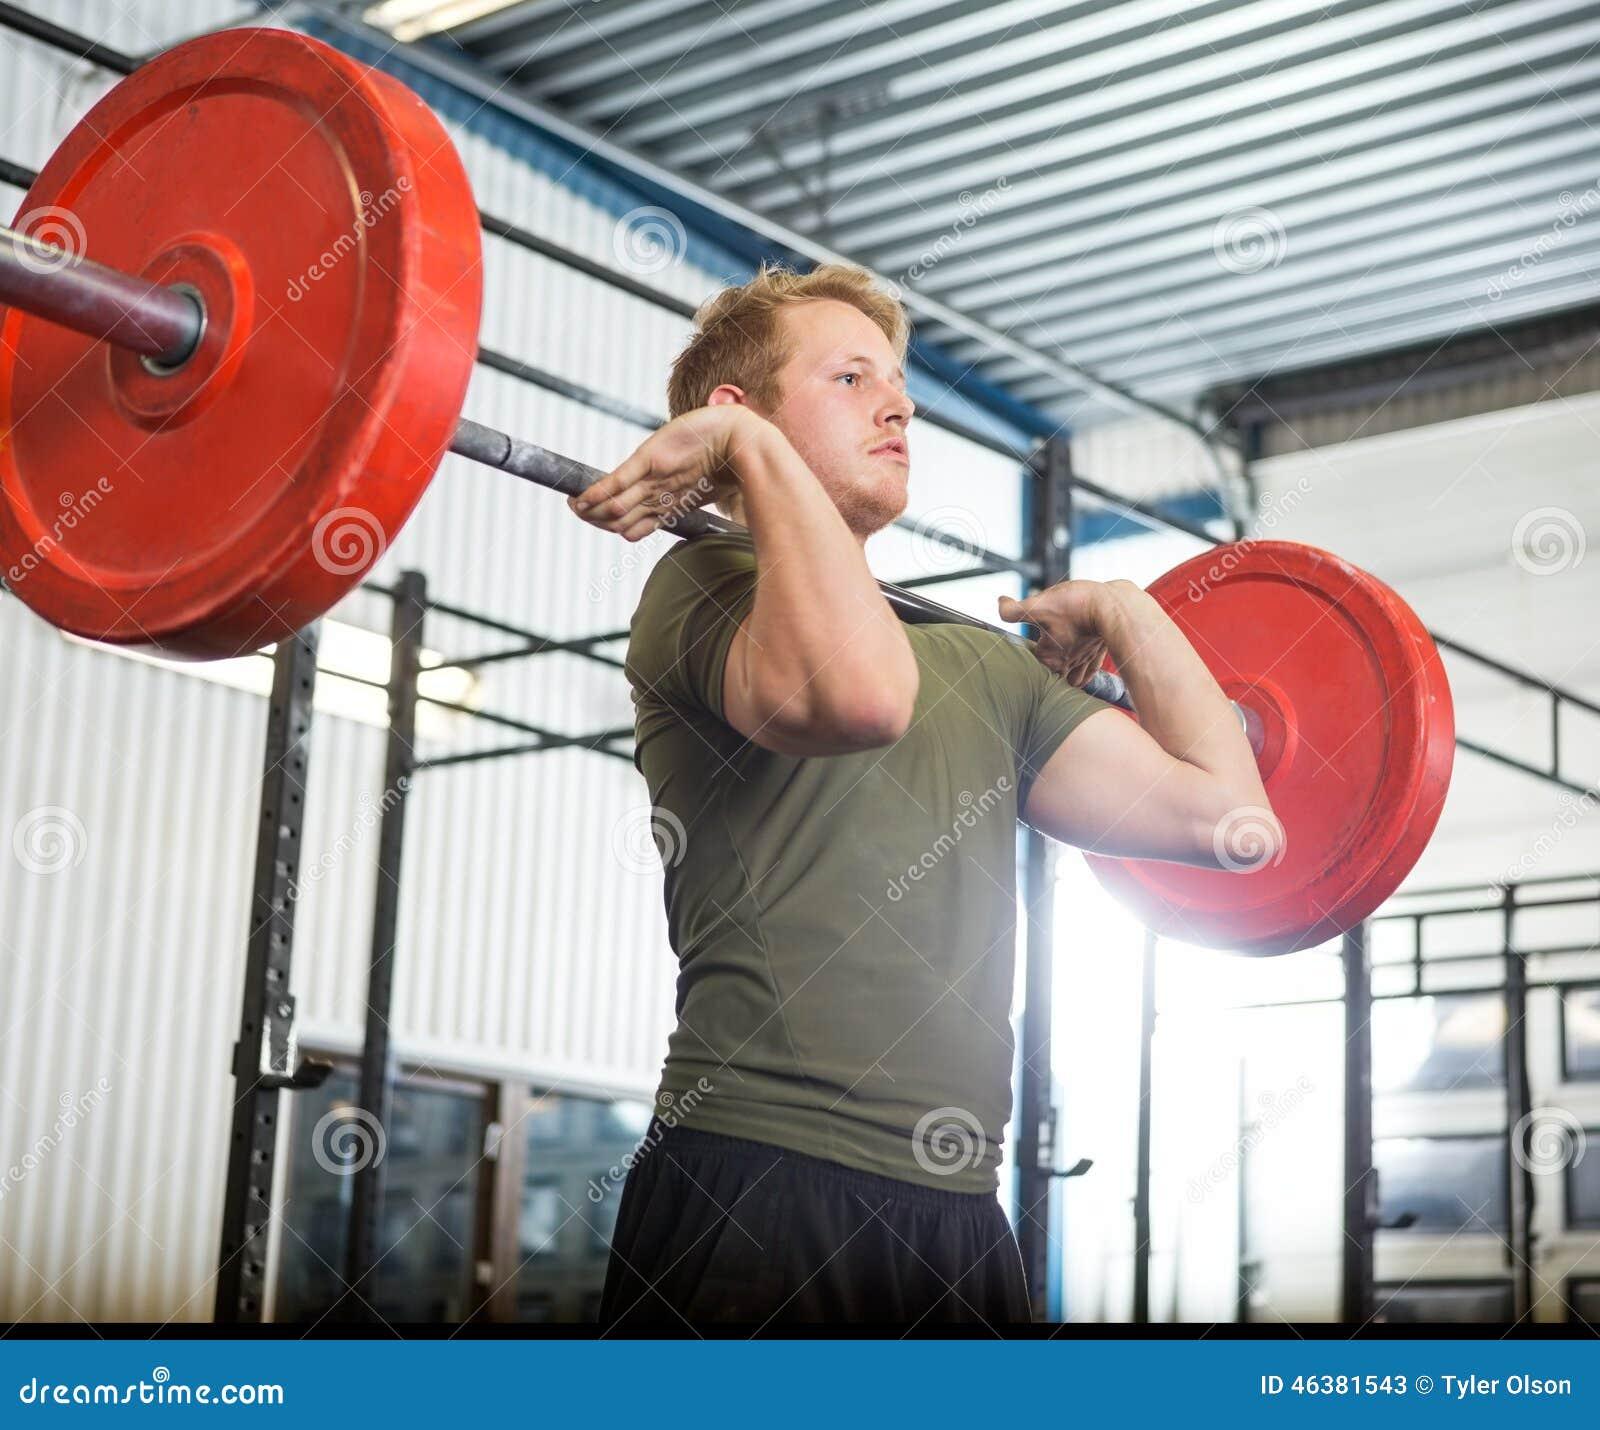 在健身房的人举的意思什么斜眼表情是杠铃包图片